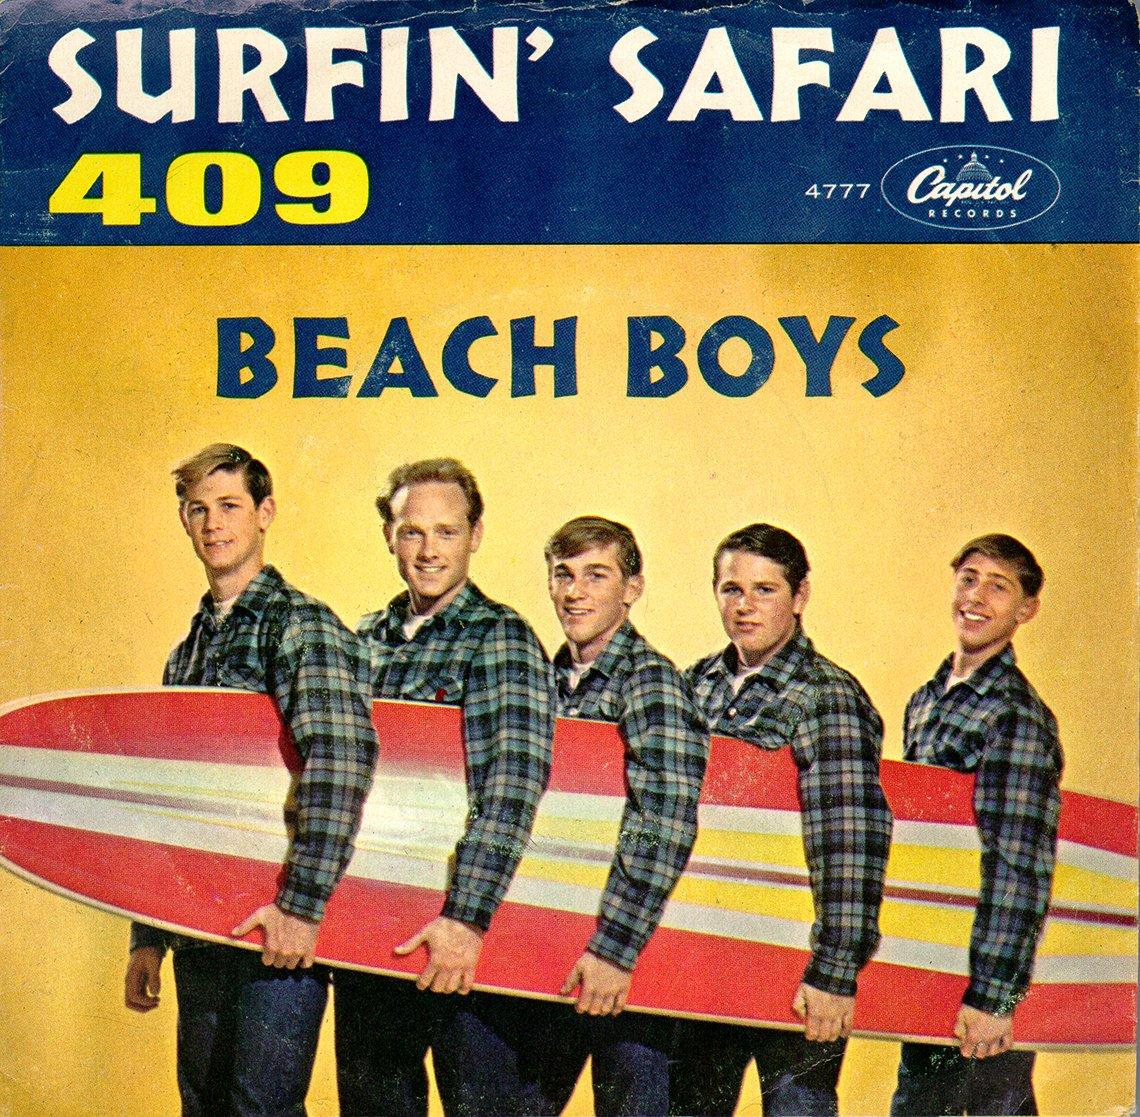 The album cover for The Beach Boys Surfin Safari record